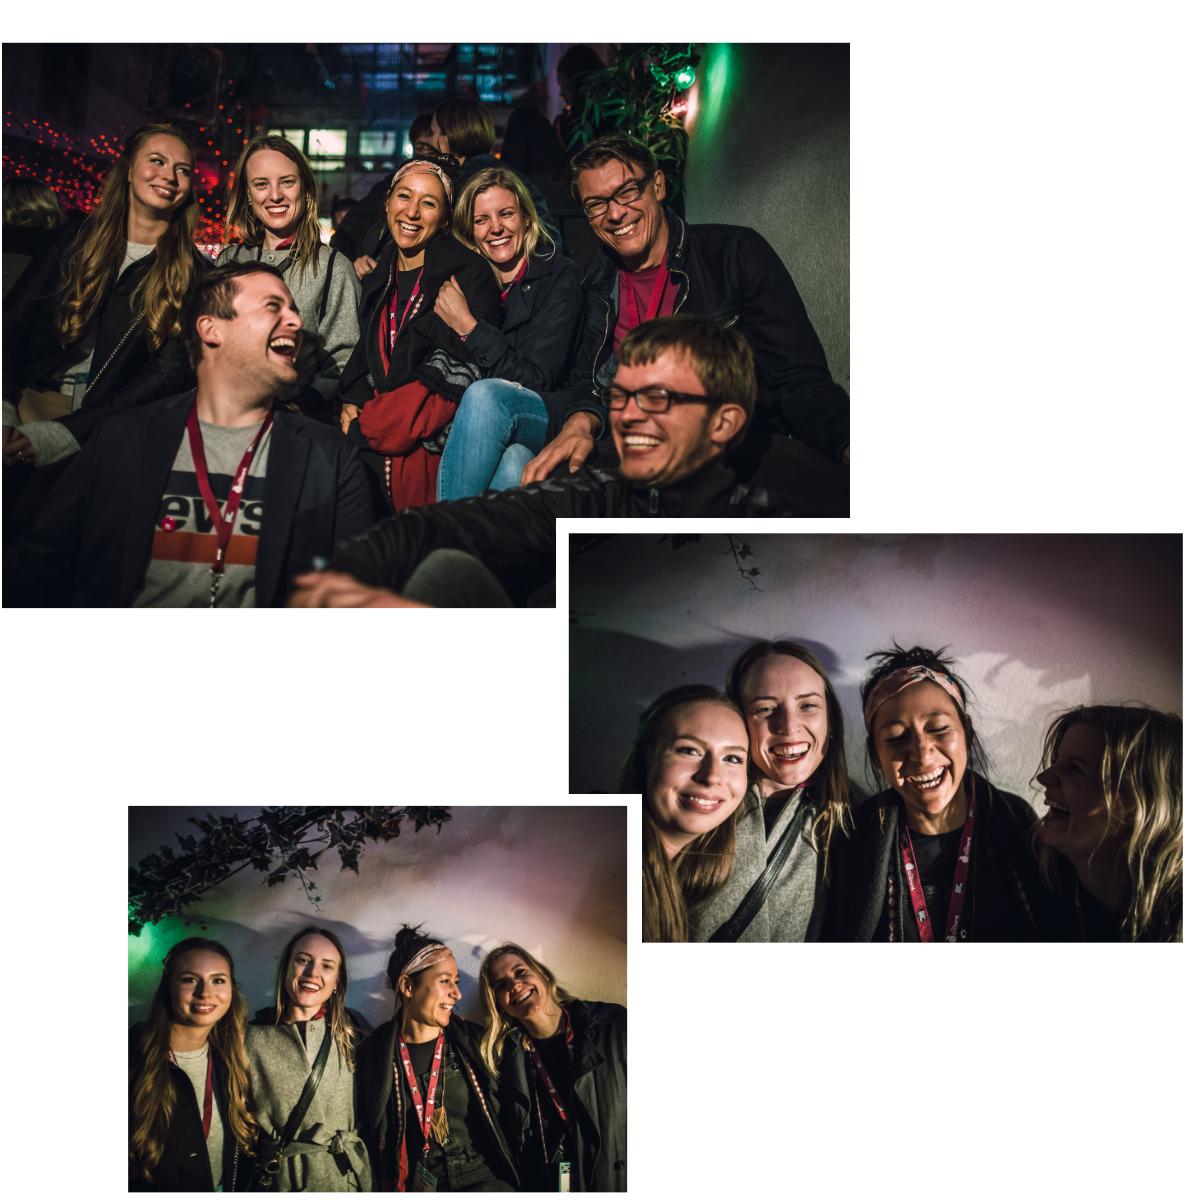 Team, Büro Döring, buero doering, Fachhandel für Ereignisse, Björn Döring, Molotow, Reeperbahn Festival